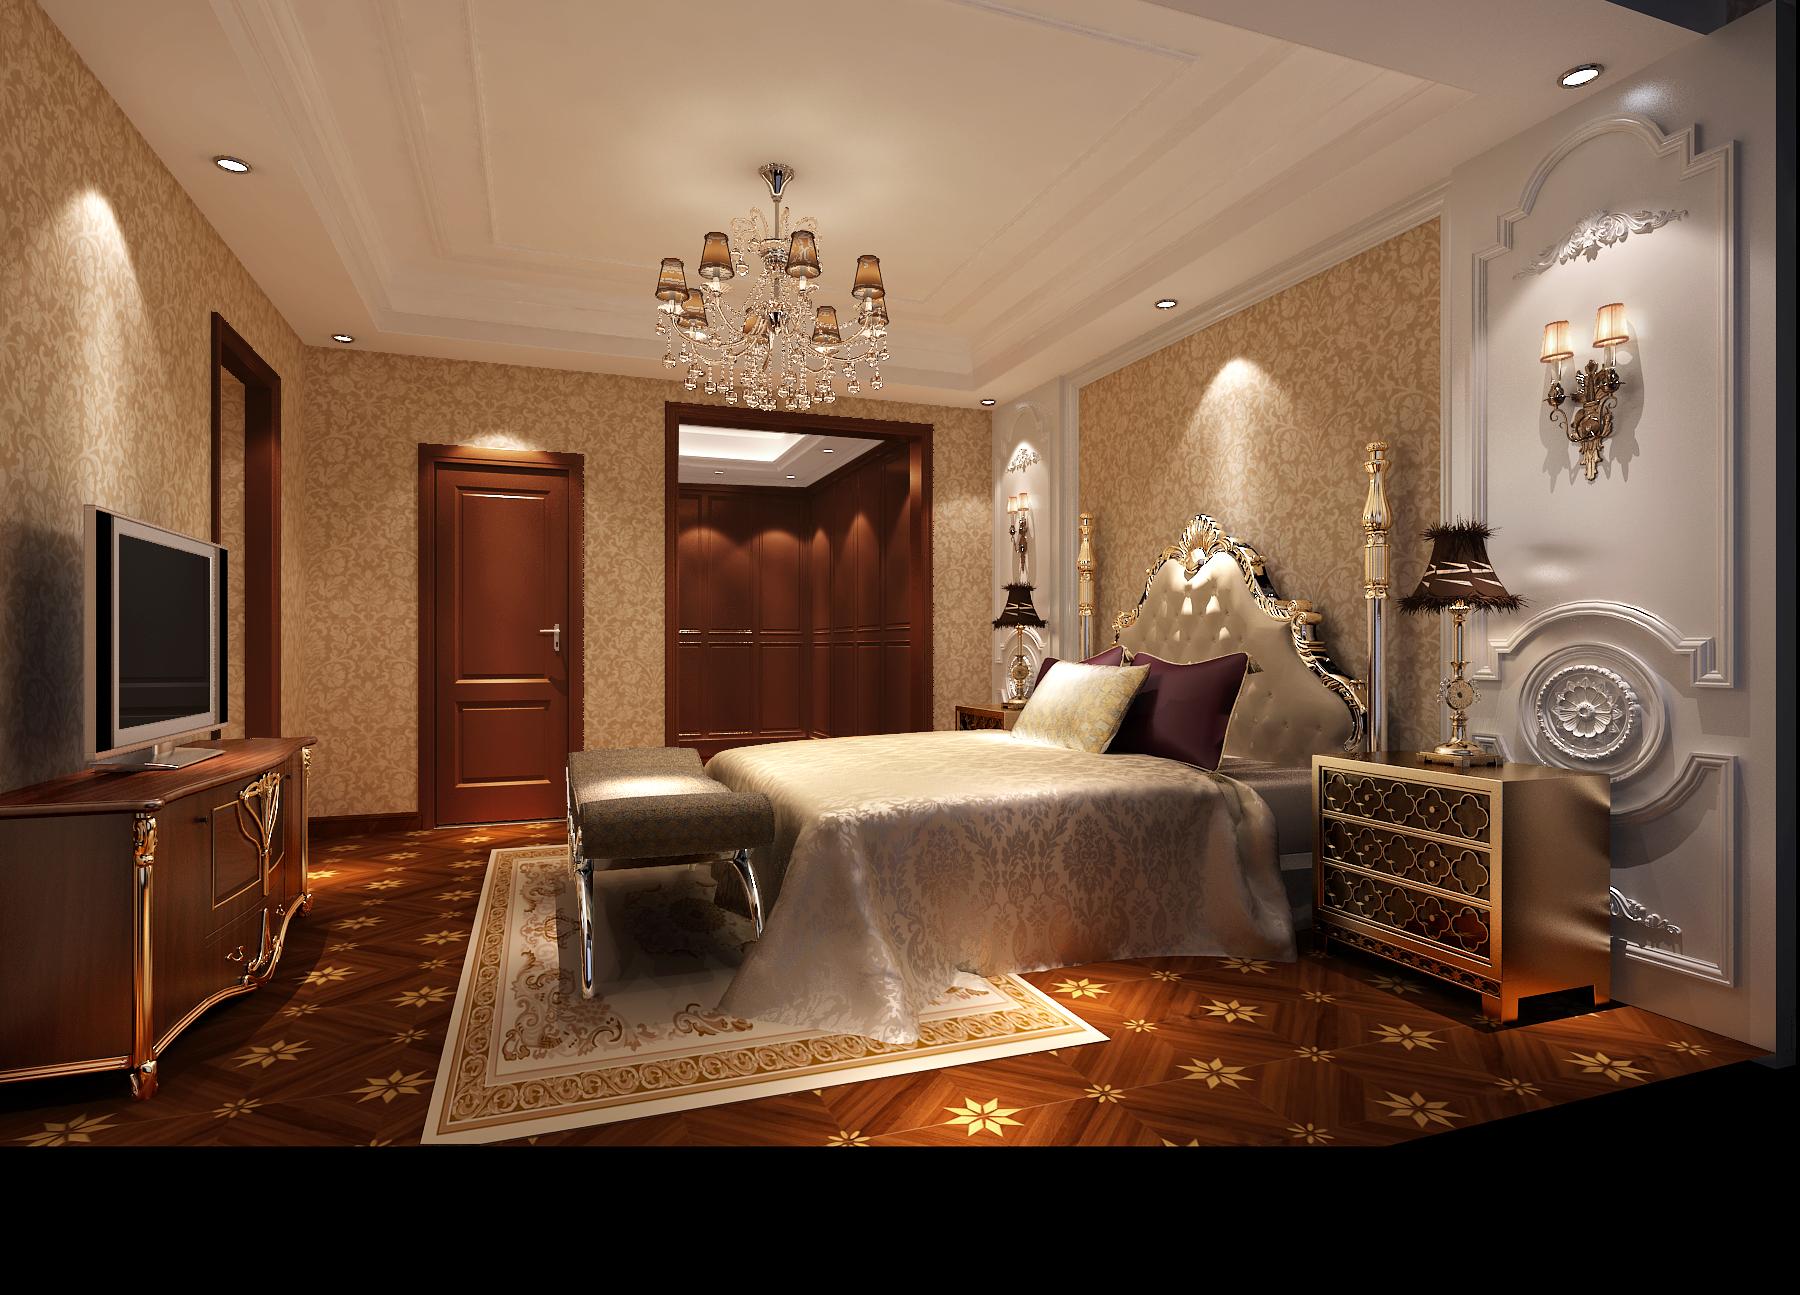 简欧 卧室图片来自周楠在潮白河孔雀城的分享